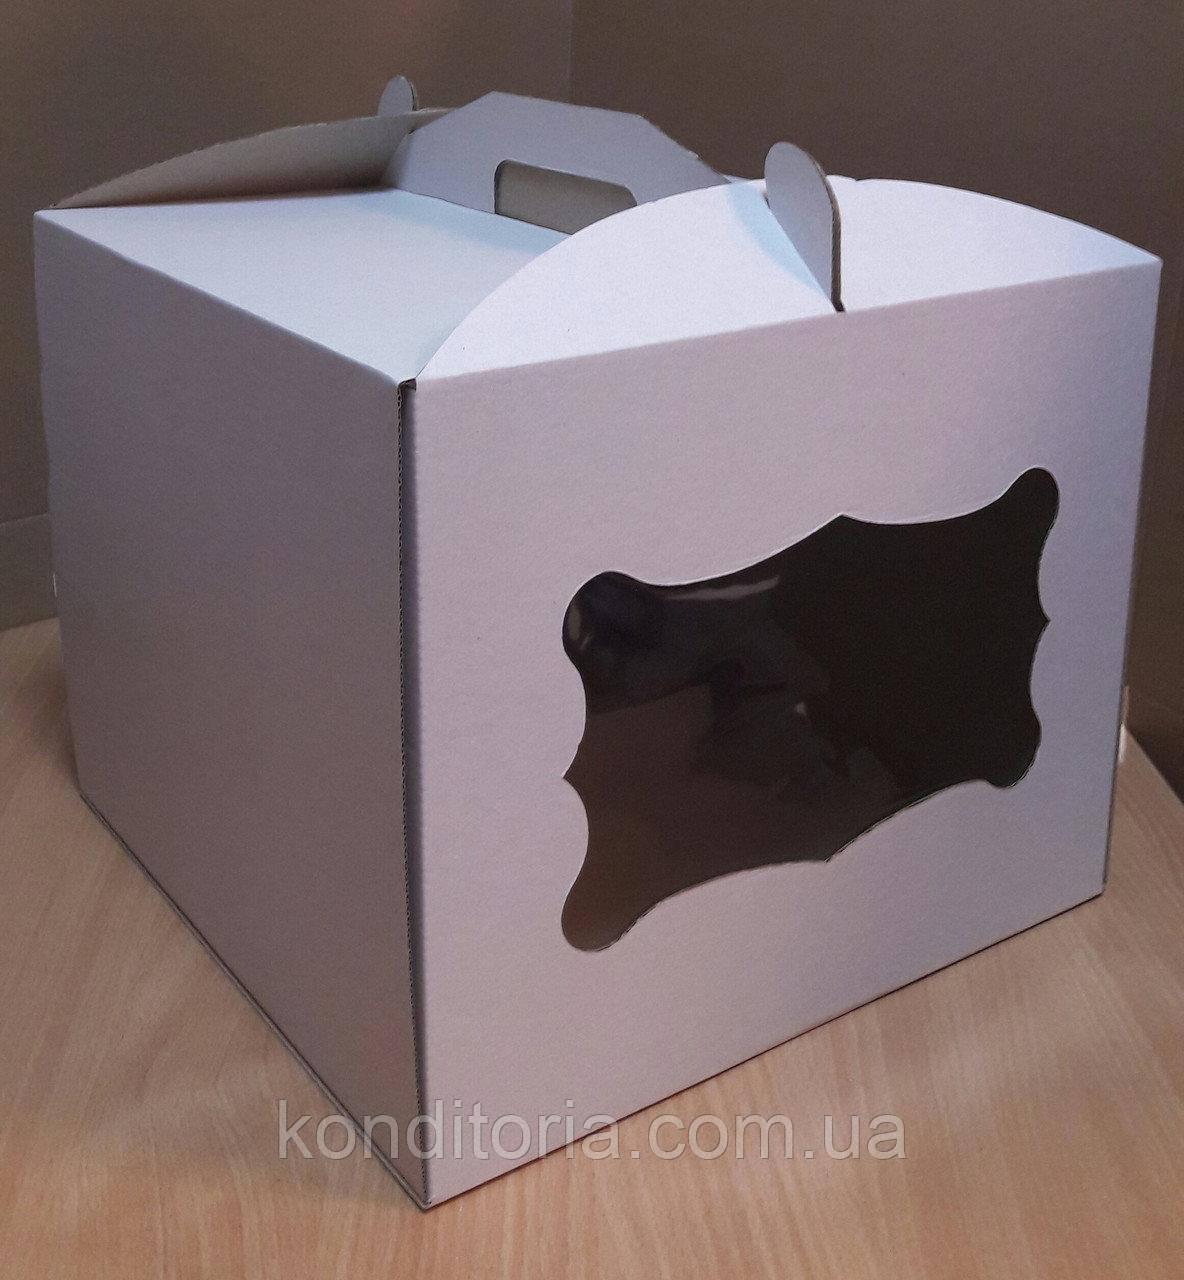 Коробка для торта 30*30*25